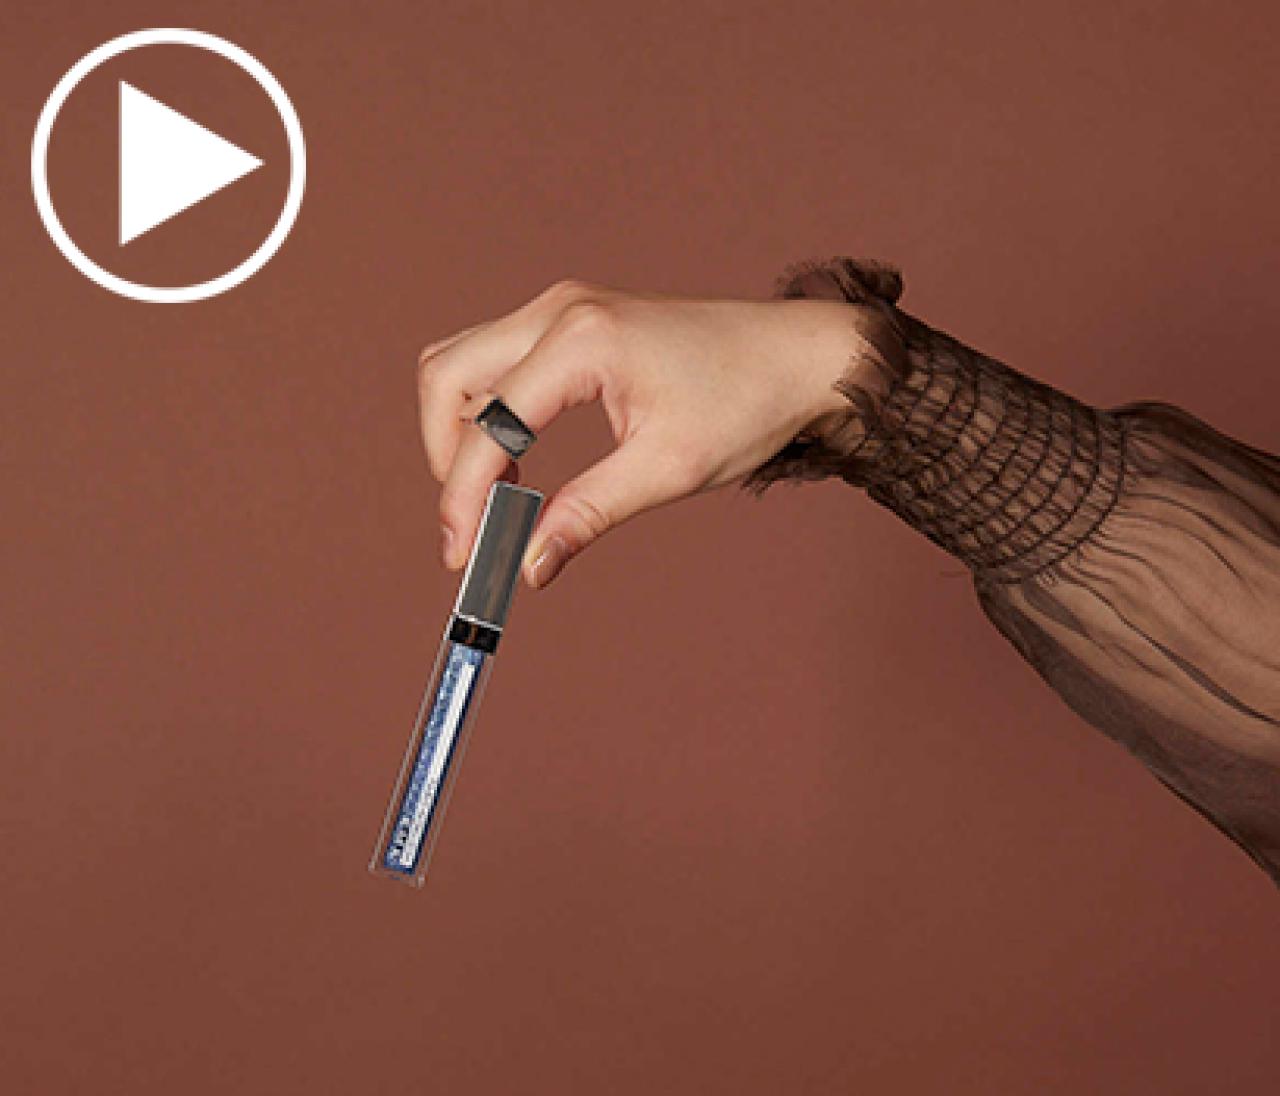 【大人のイガリメイク動画】スターダストブルーのリップグロスで表情に知性を